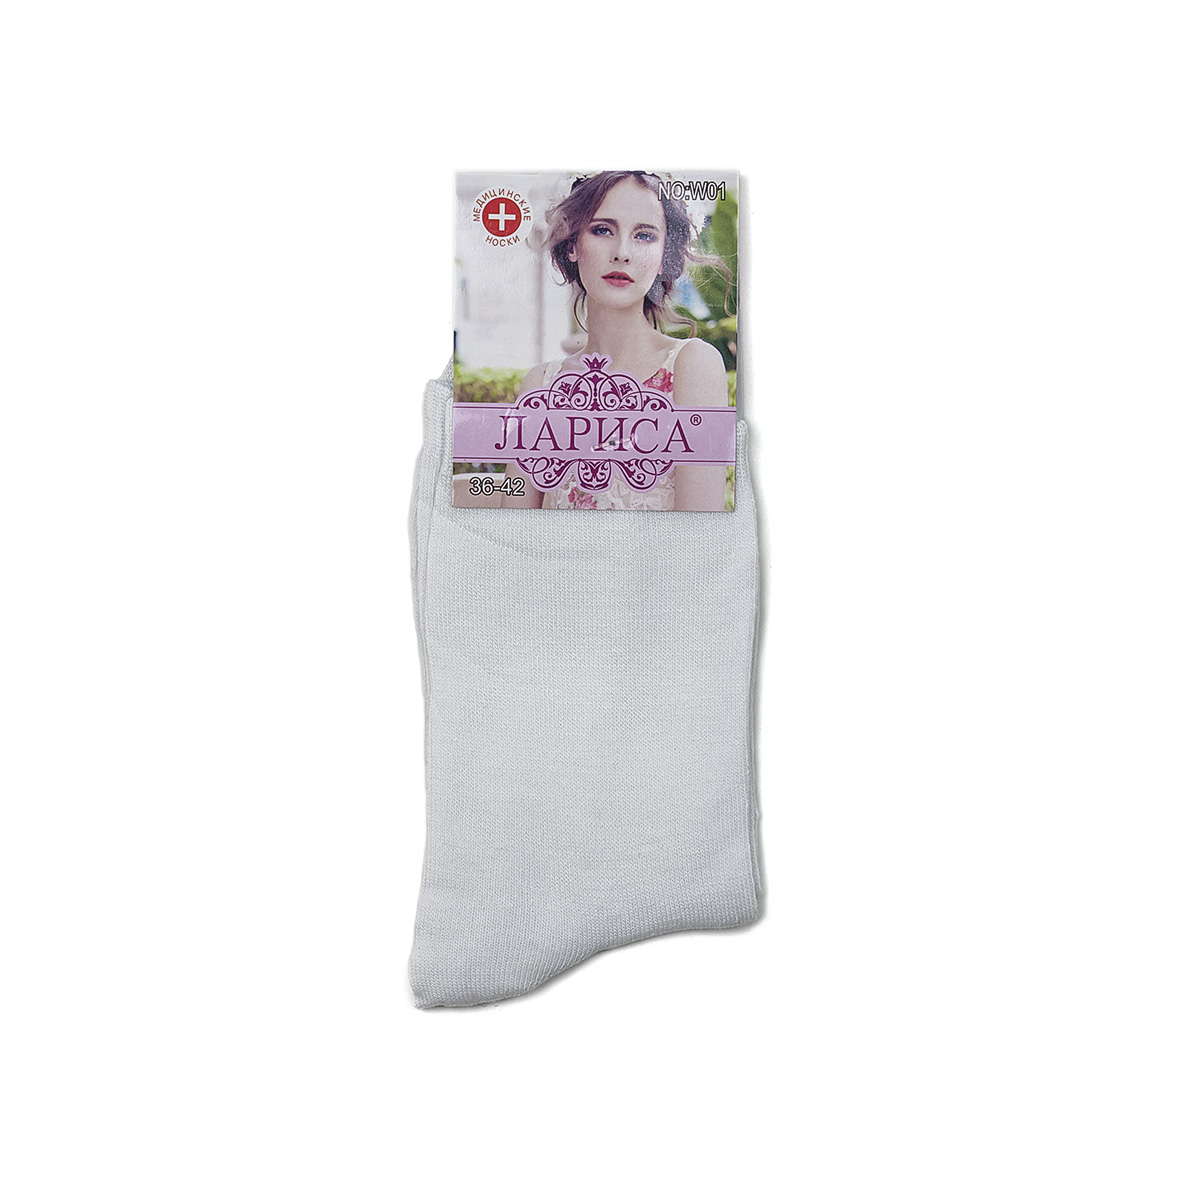 Носки женские Лариса арт. 0767, размер 36-42Носки и чулки<br><br><br>Тип: Жен. носки<br>Размер: 36-42<br>Материал: Хлопок